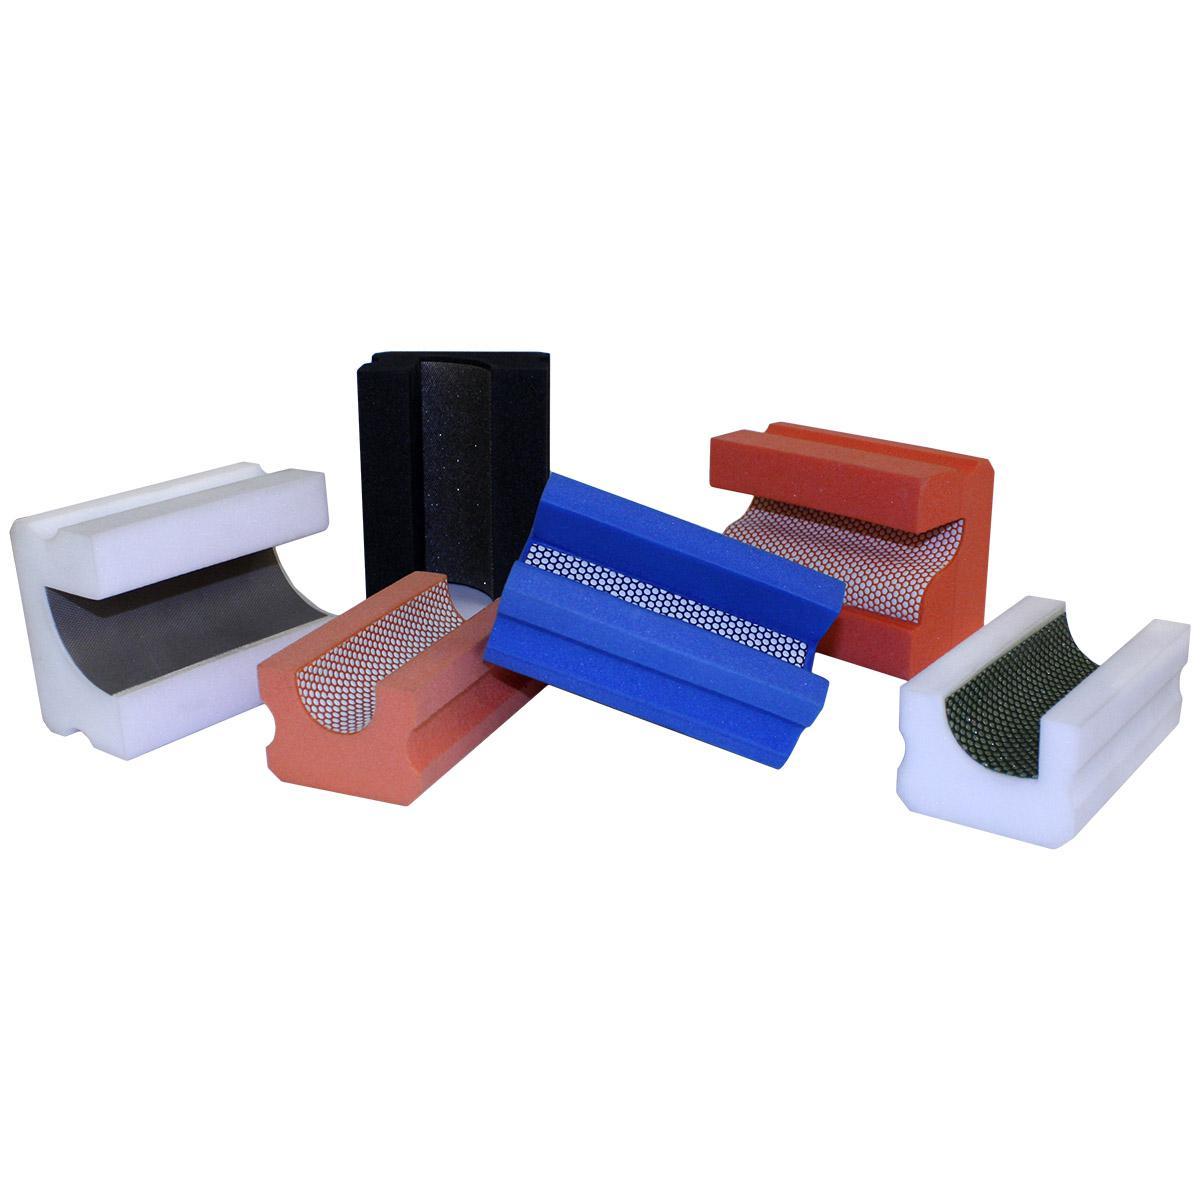 Затир ручной (профиль A) h-30 мм, зерно 600 (белый никель, металл)